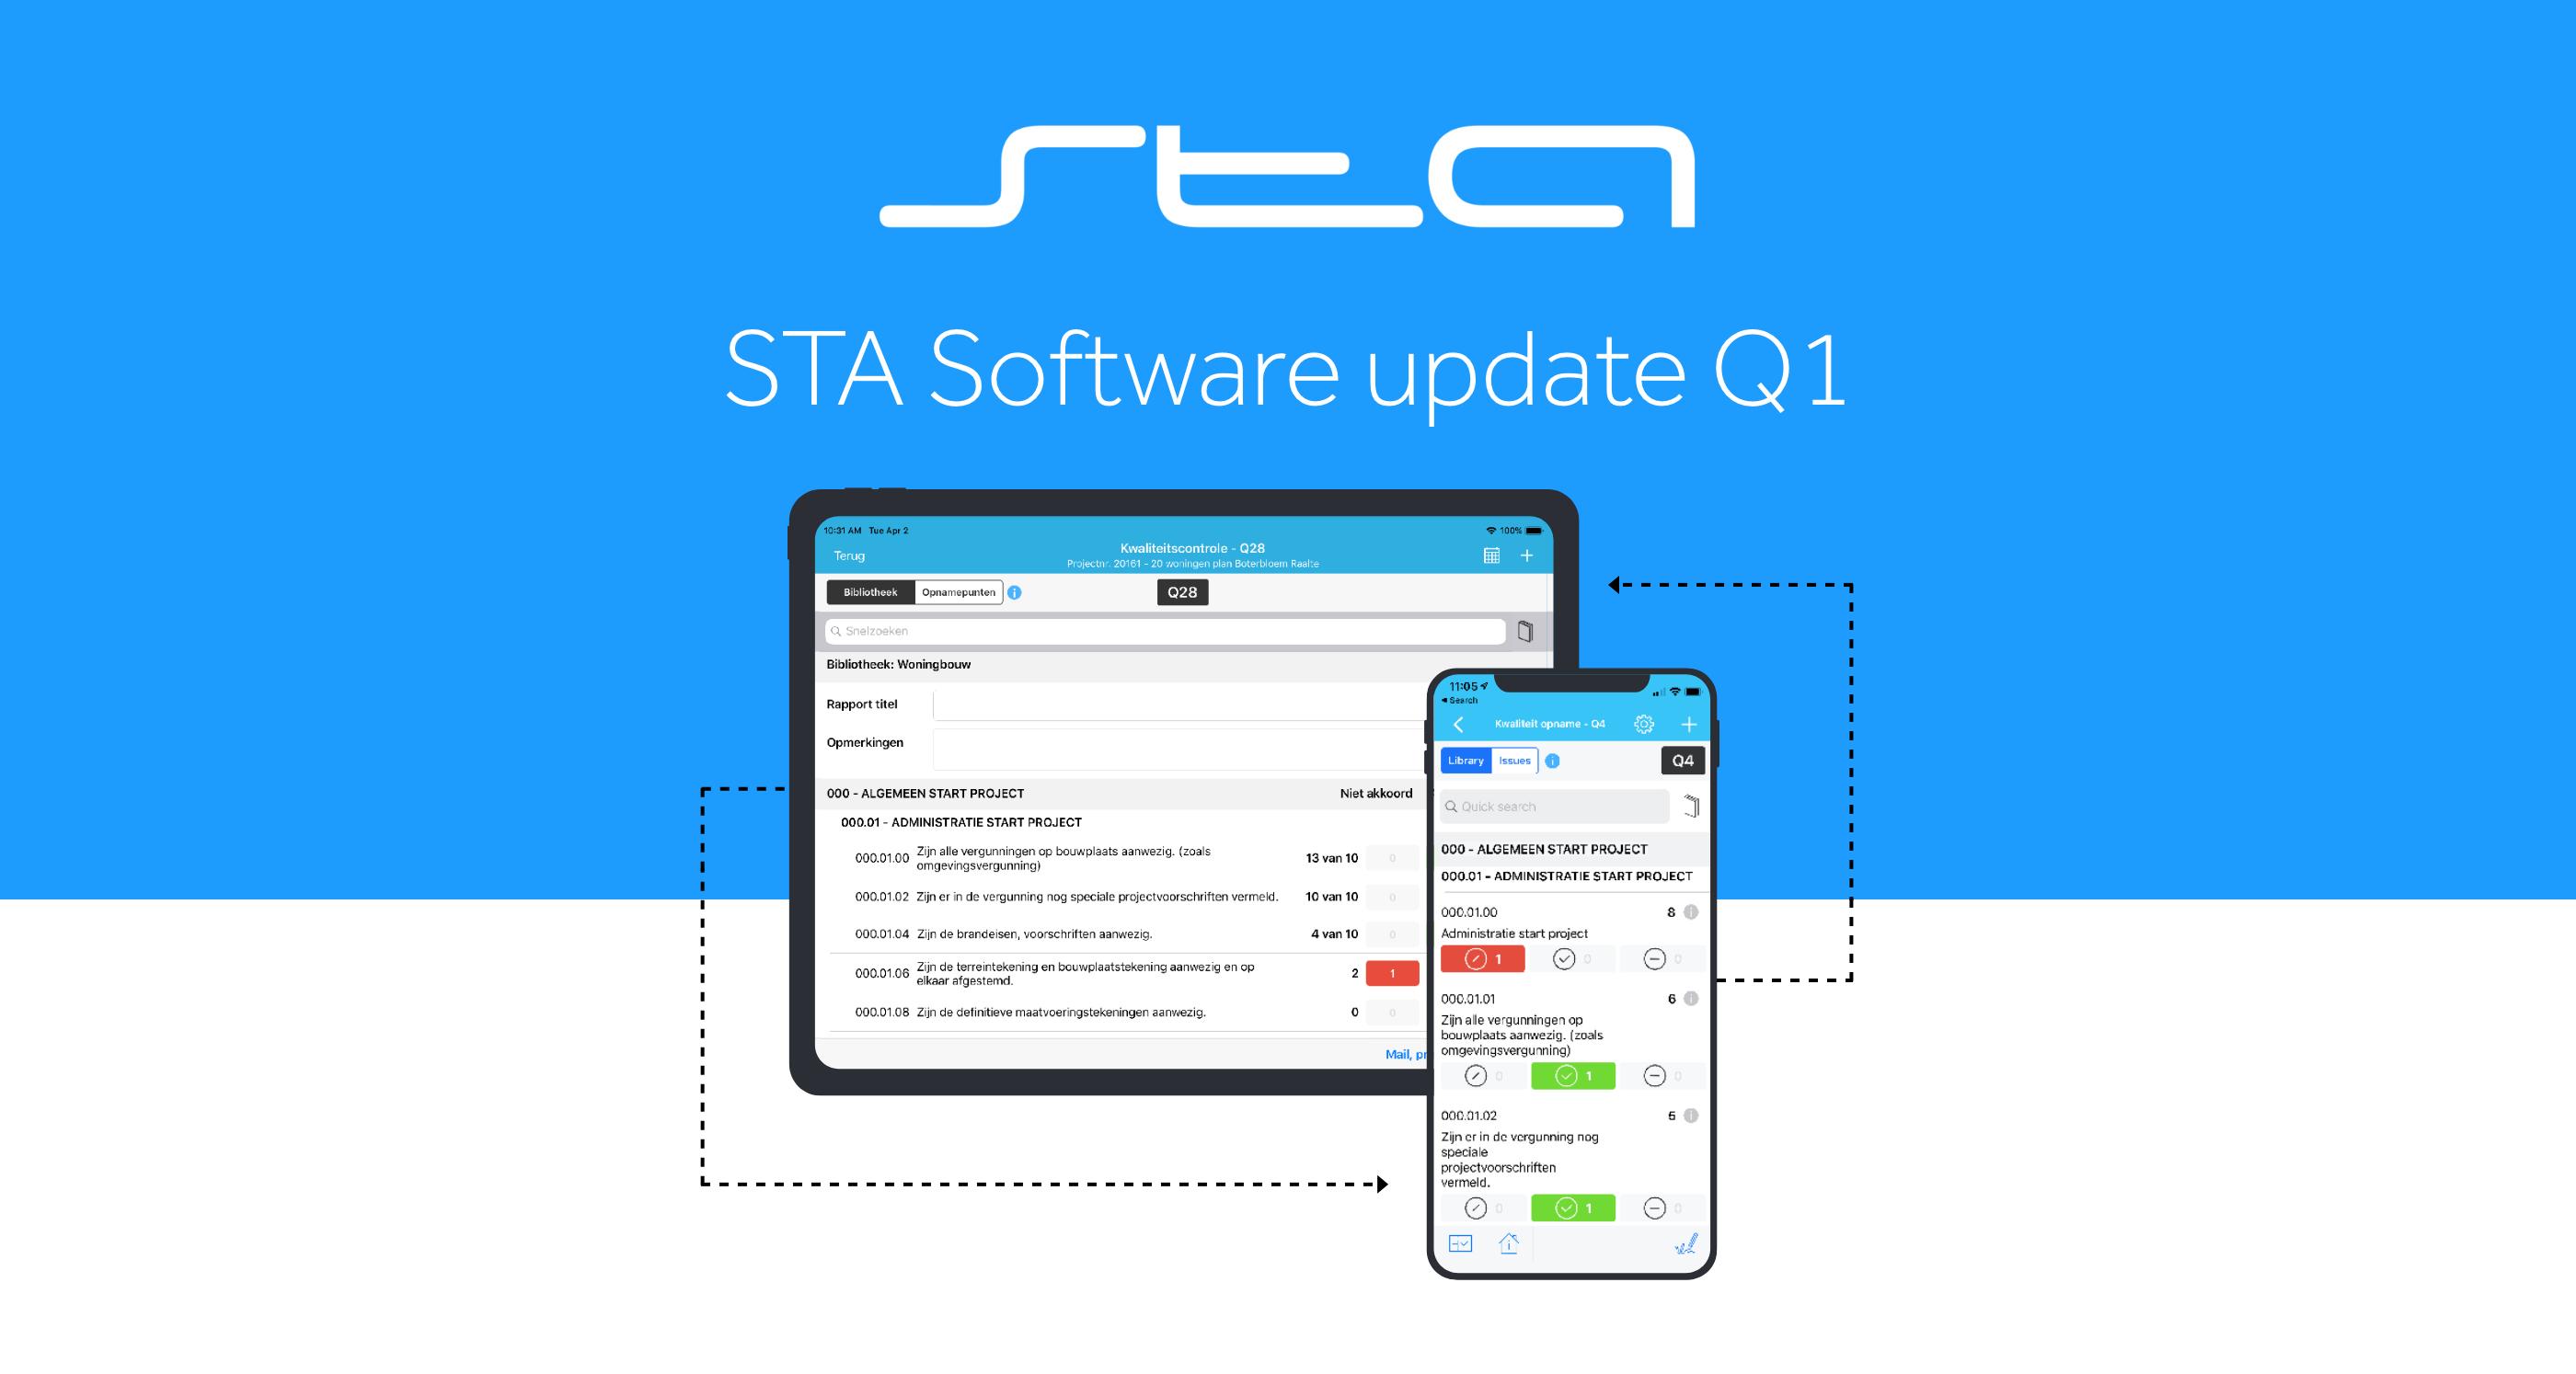 kwartaal update 1 sta software